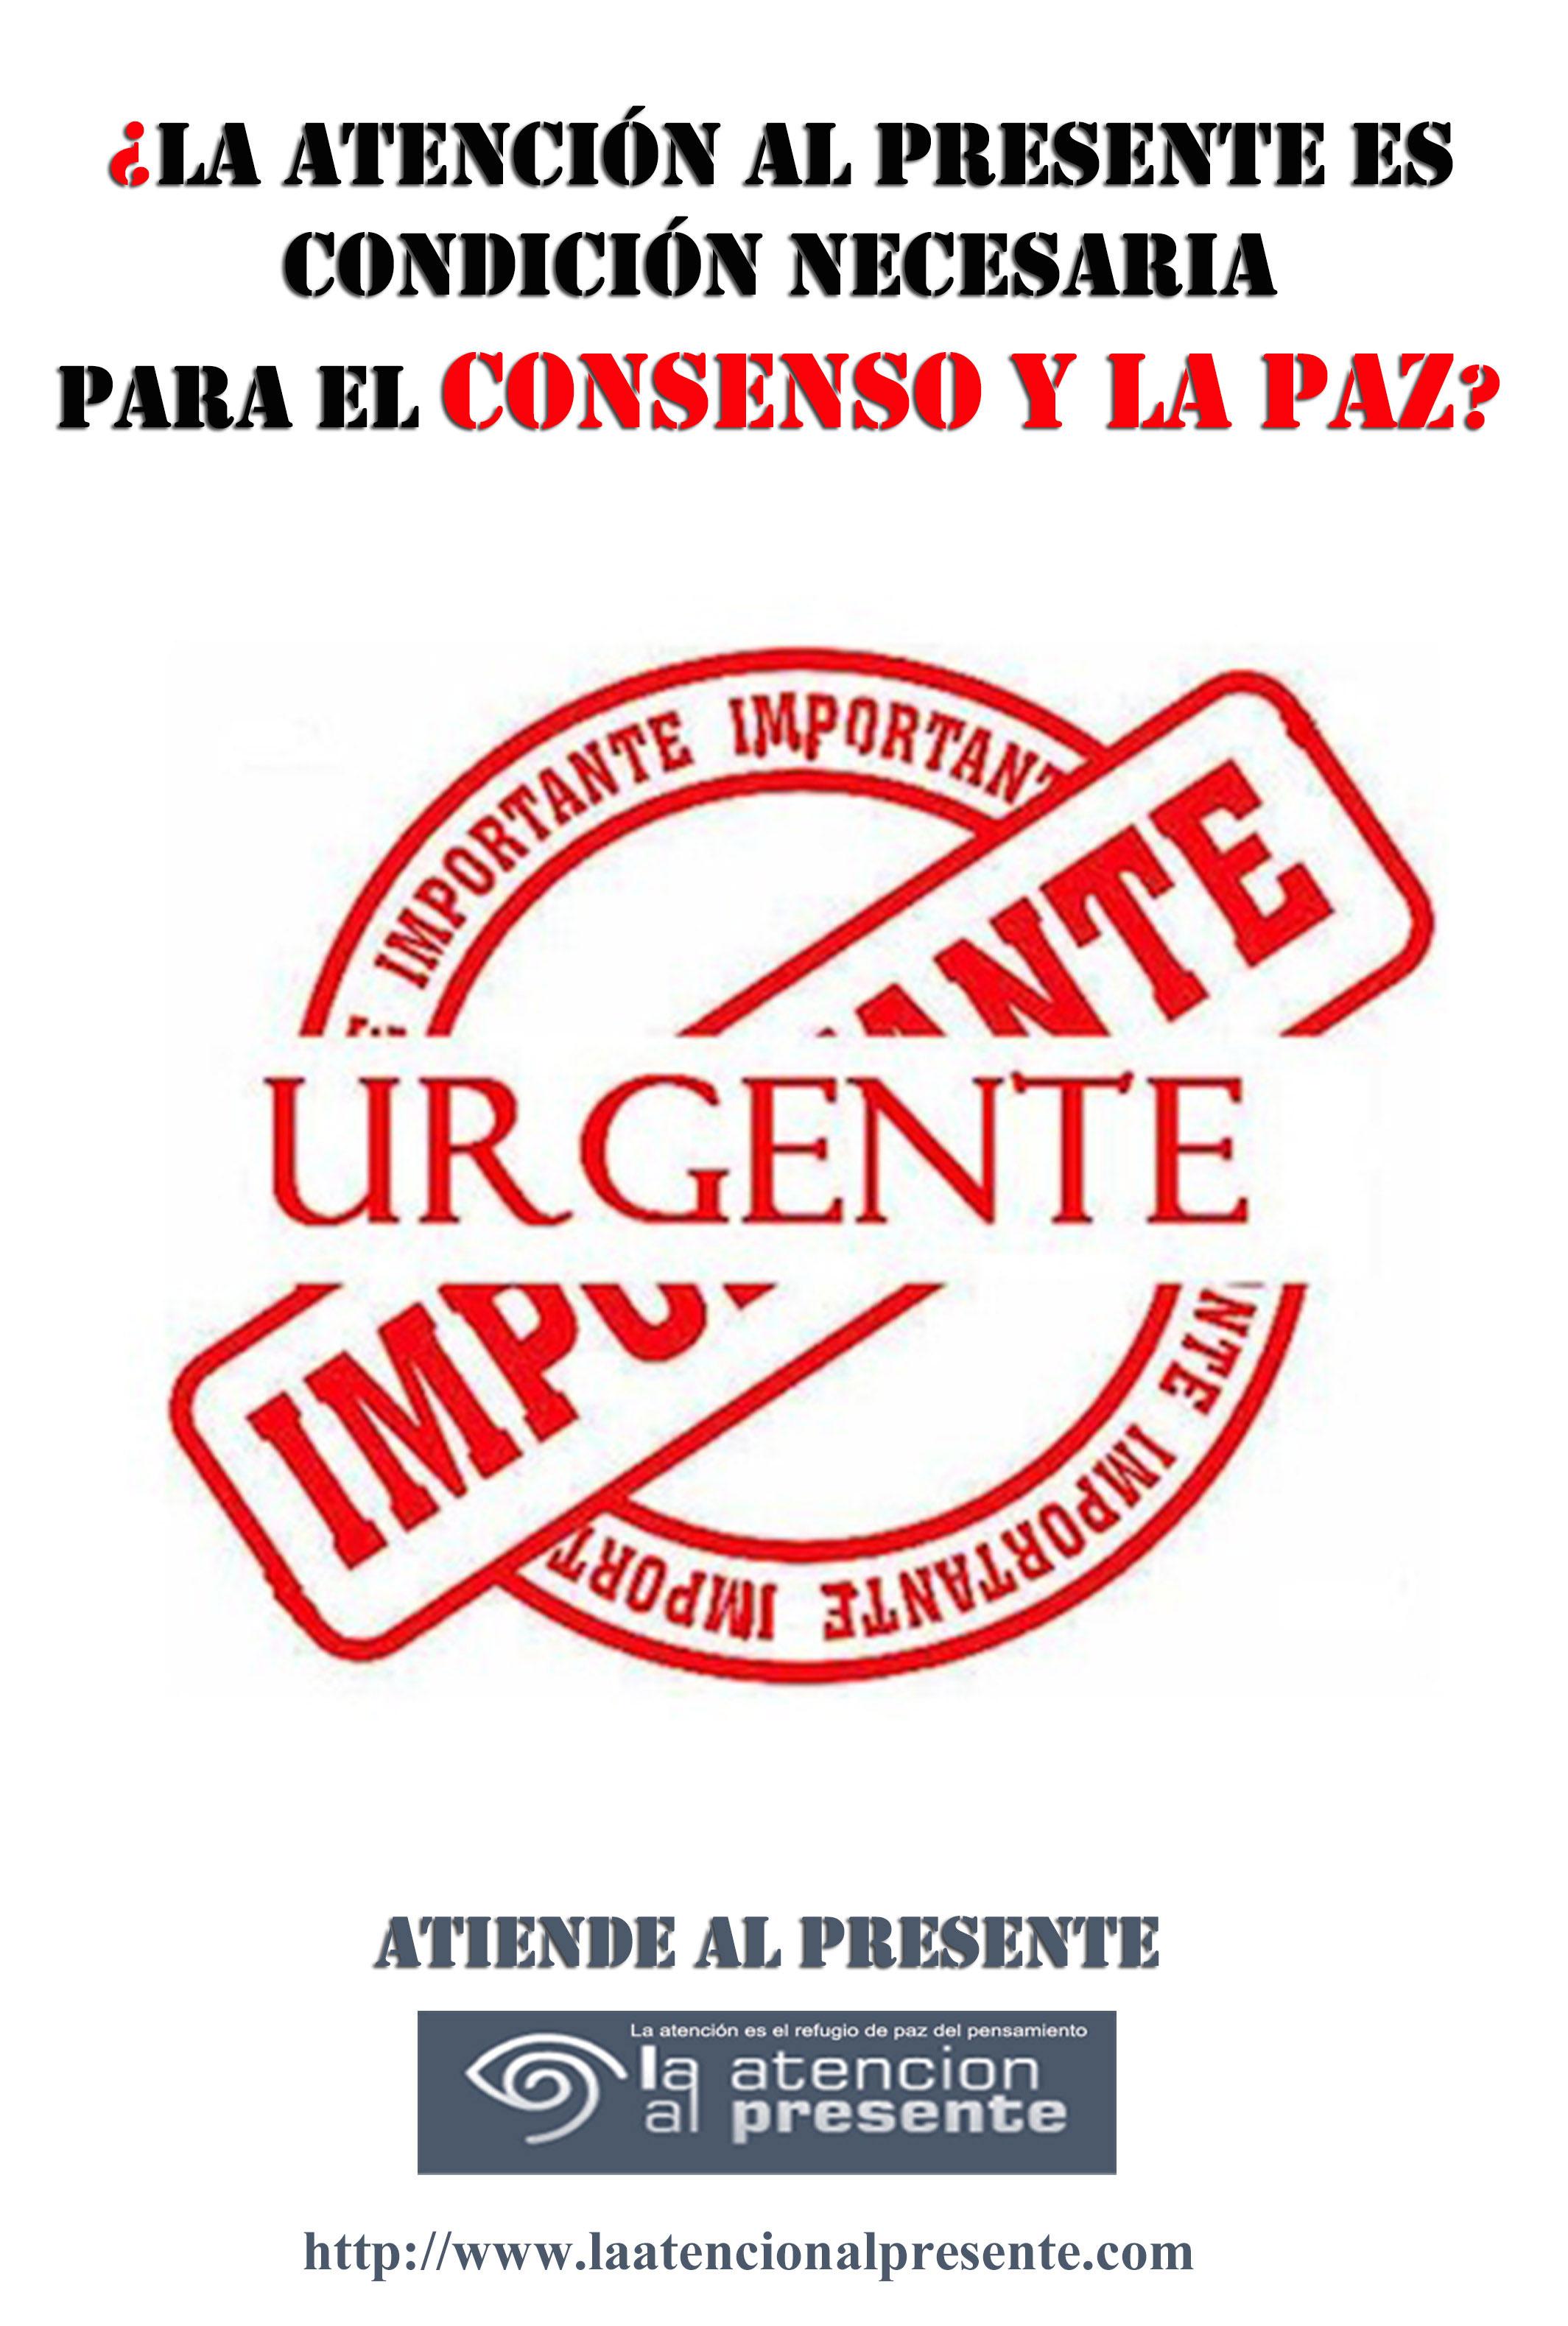 20 de marzo Esteban La Atención al Presente es condición necesaria para el CONSENSO y la PAZ. MENOS PESO